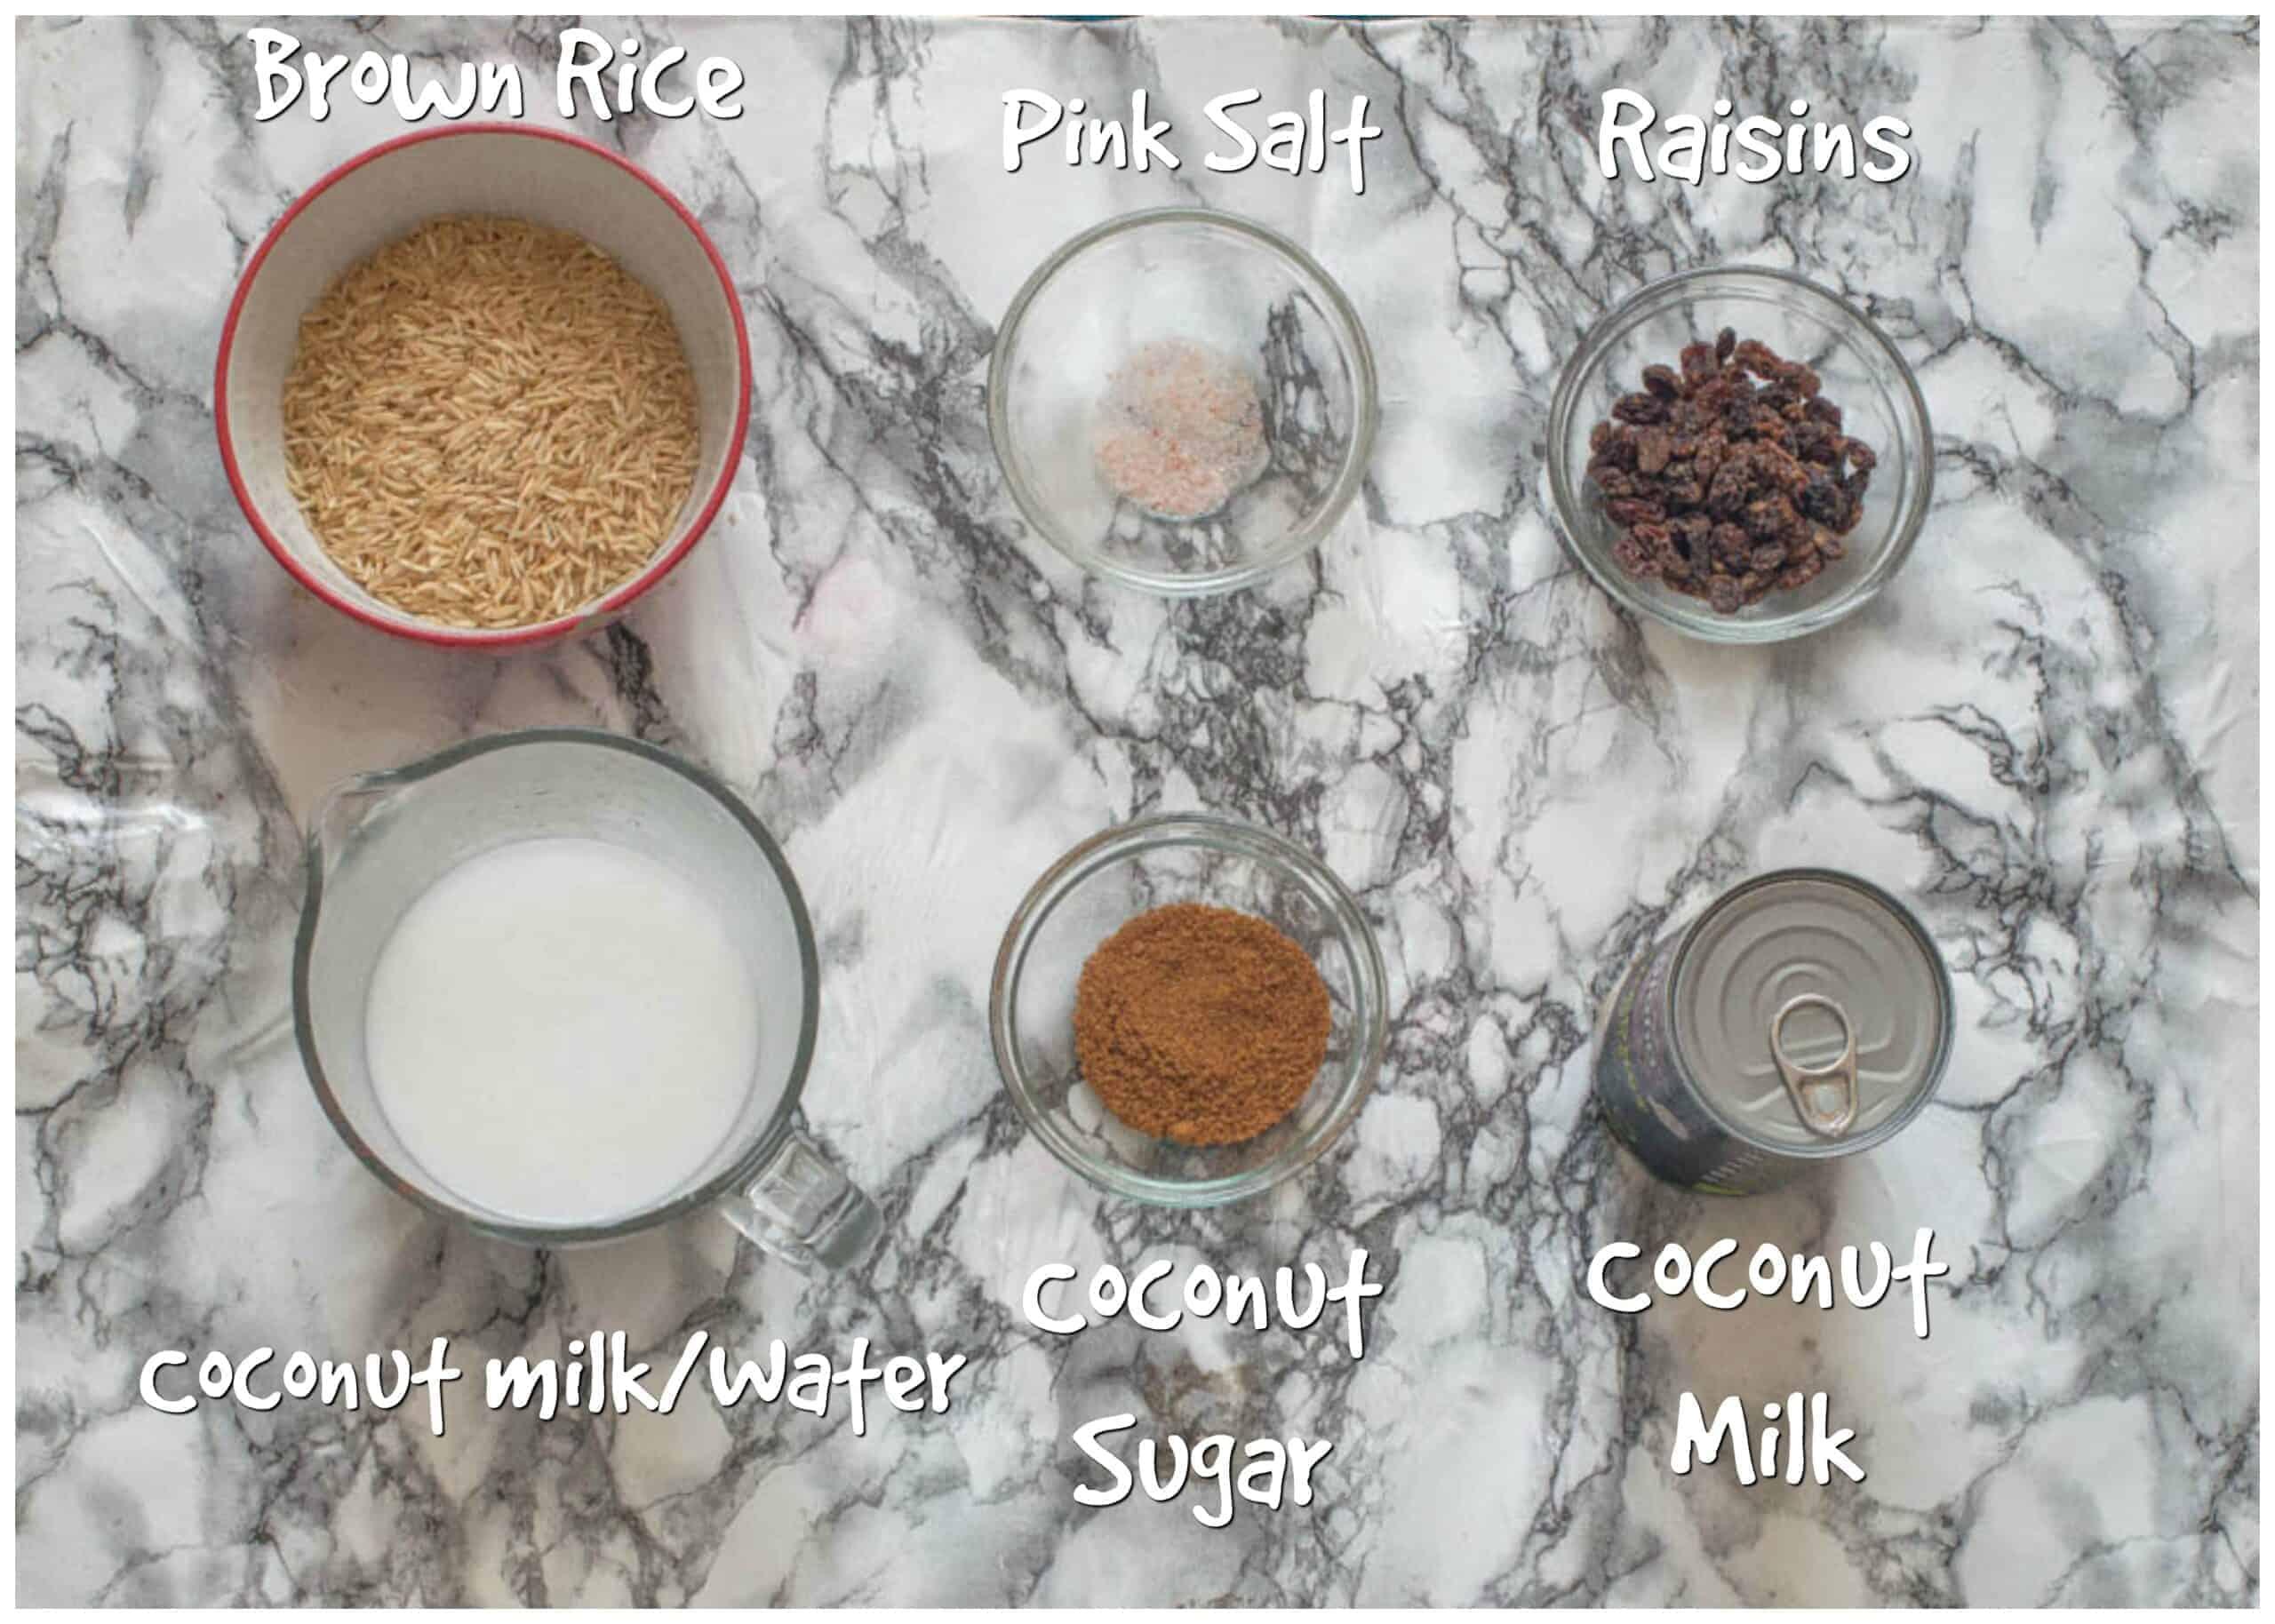 ingredients for arroz con coco